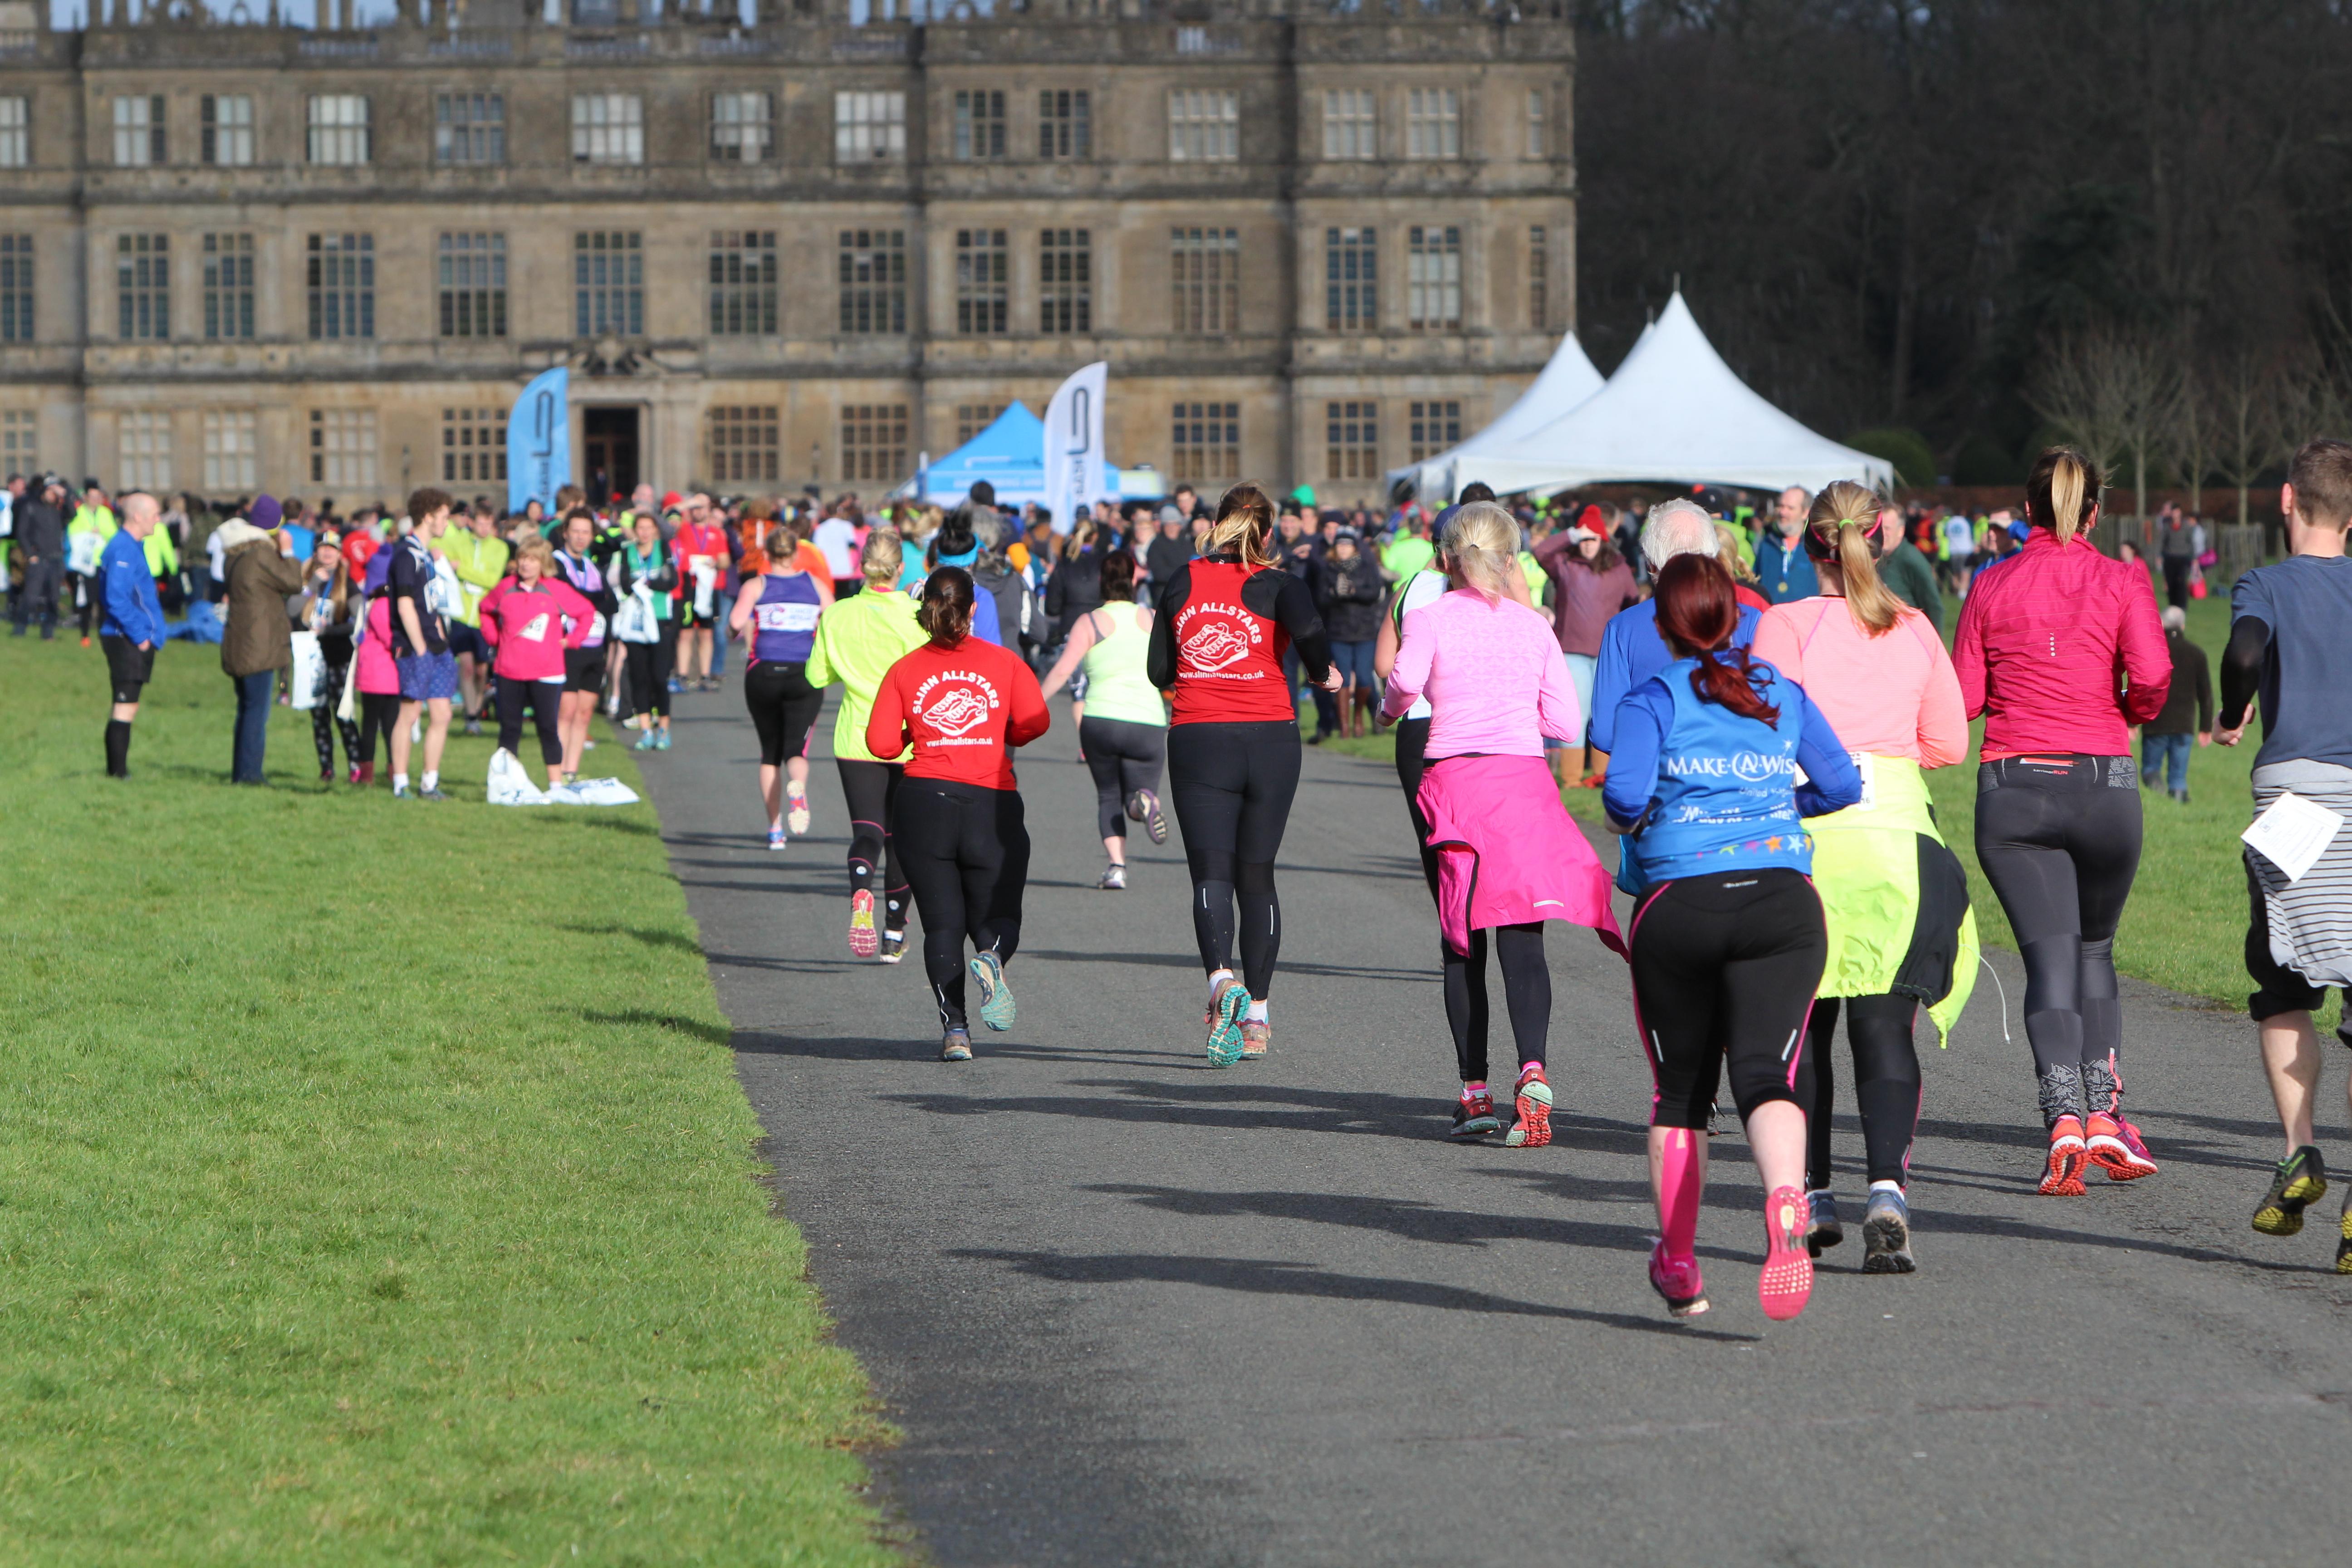 longleat 10k and 2 mile fun run 209 events